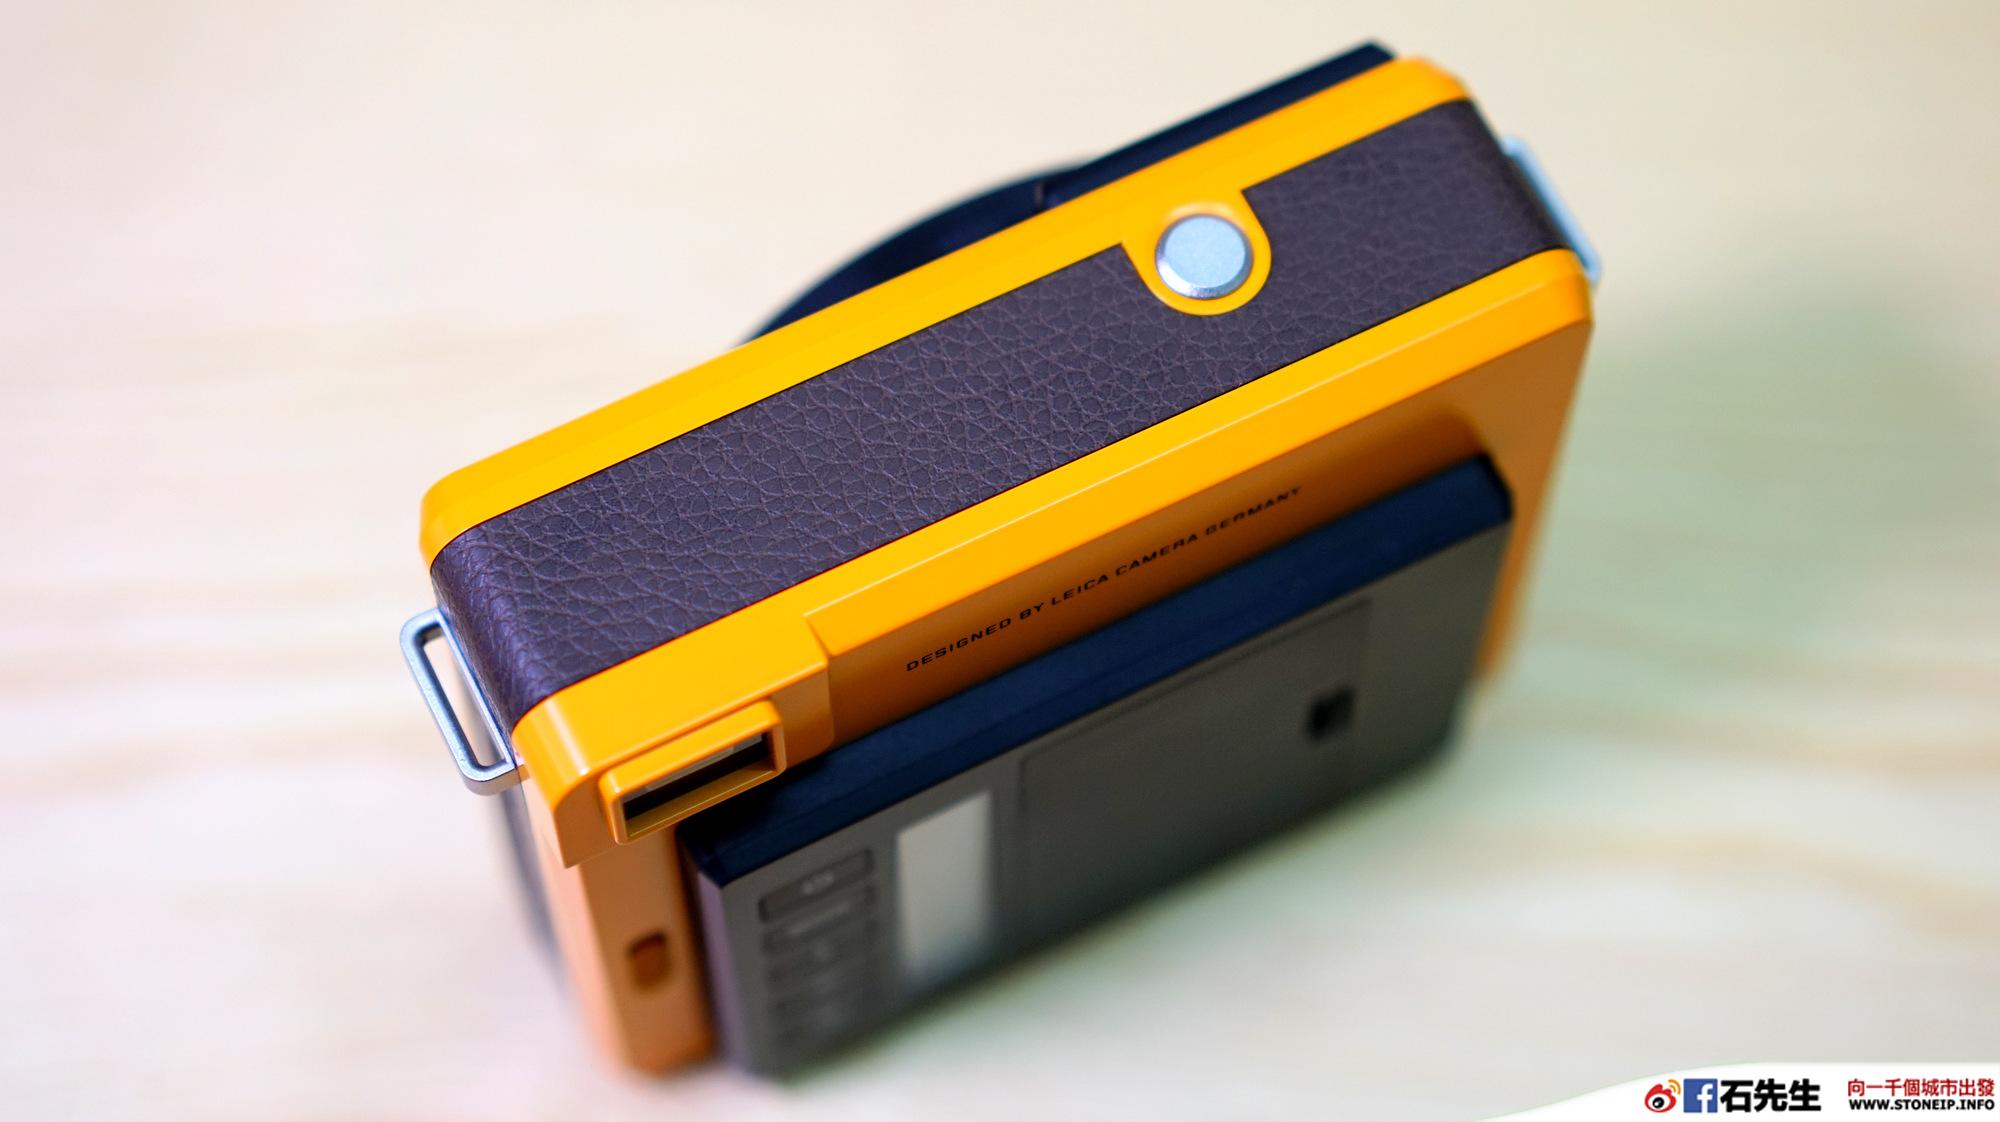 Leica_SOFORT_unbox11